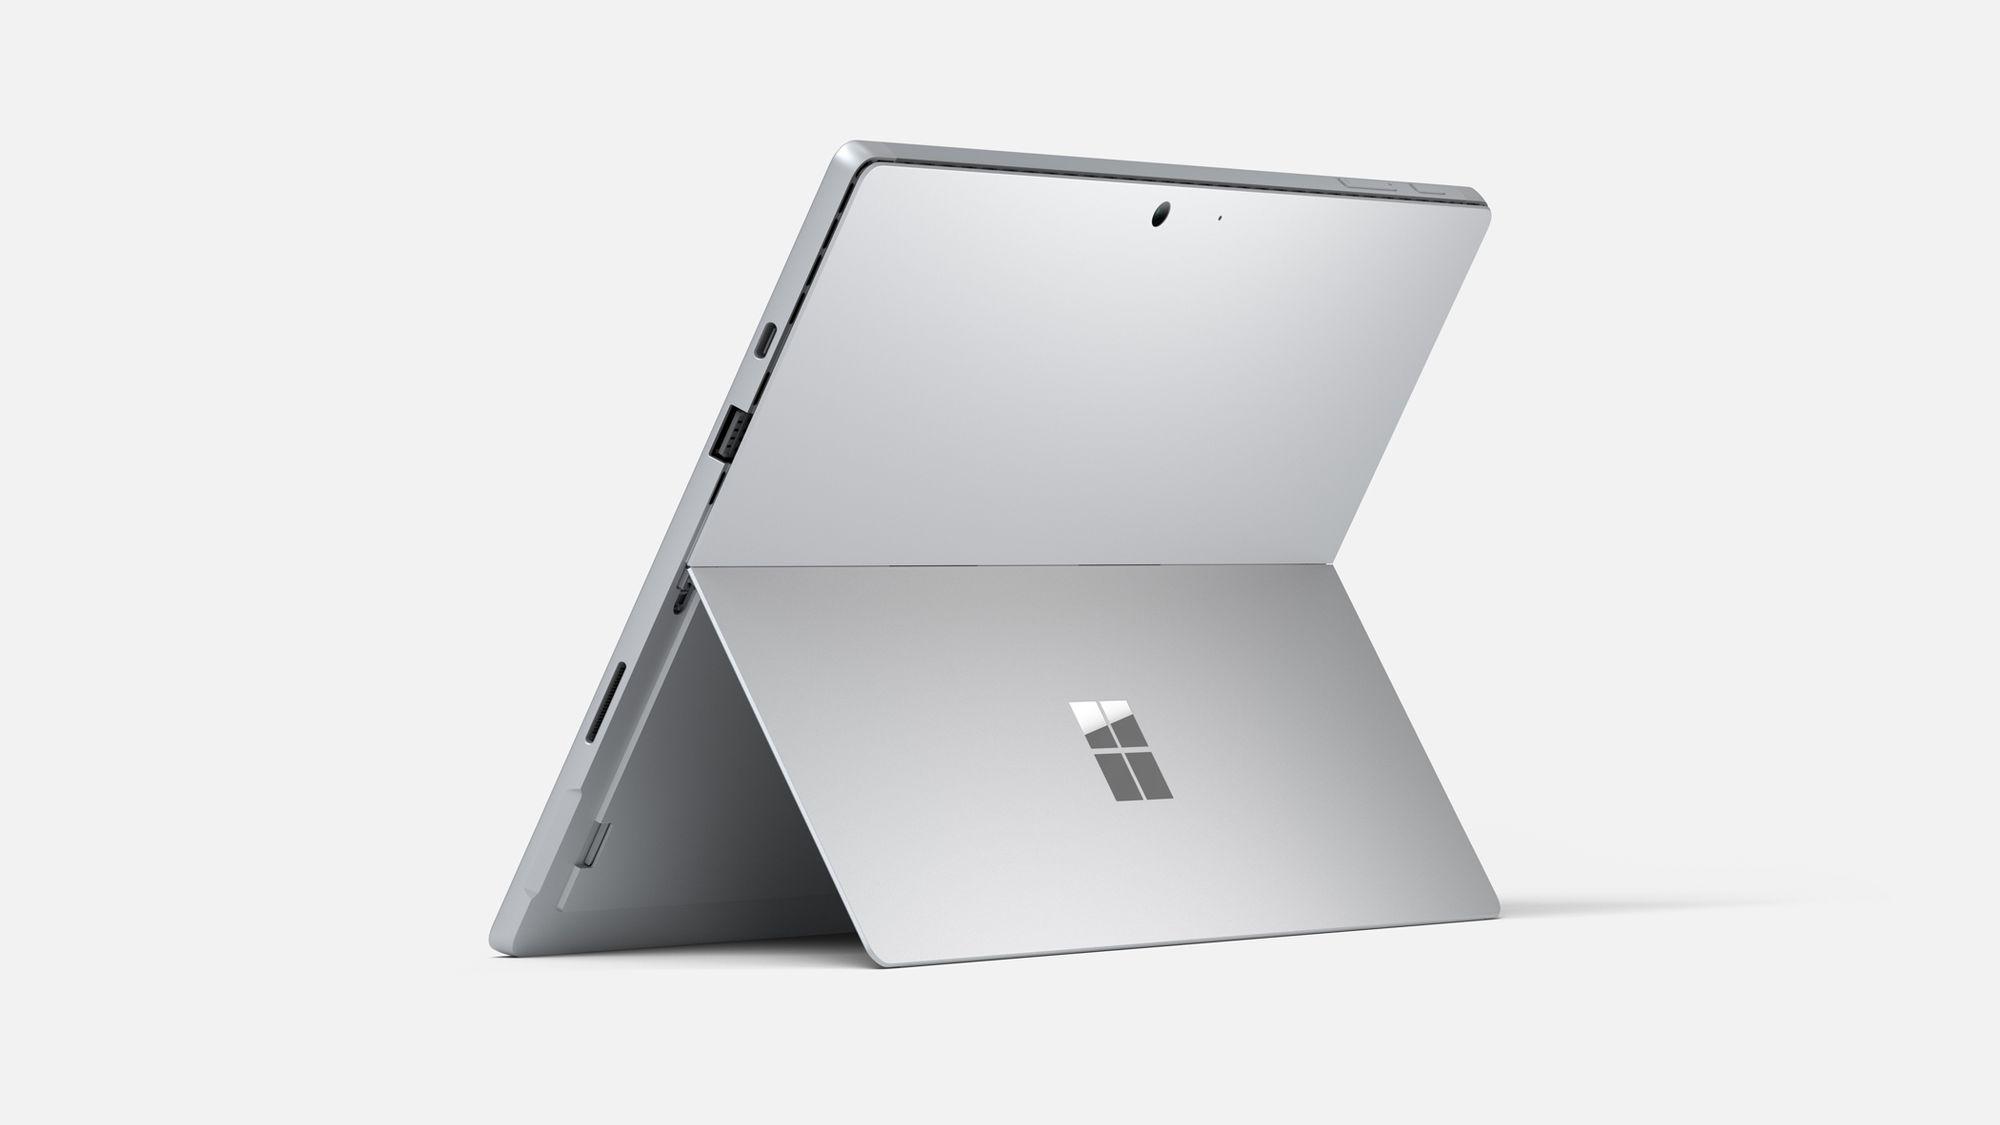 Das Surface Pro 7 in Platin mit aufgeklapptem Kickstand aus der Rückansicht